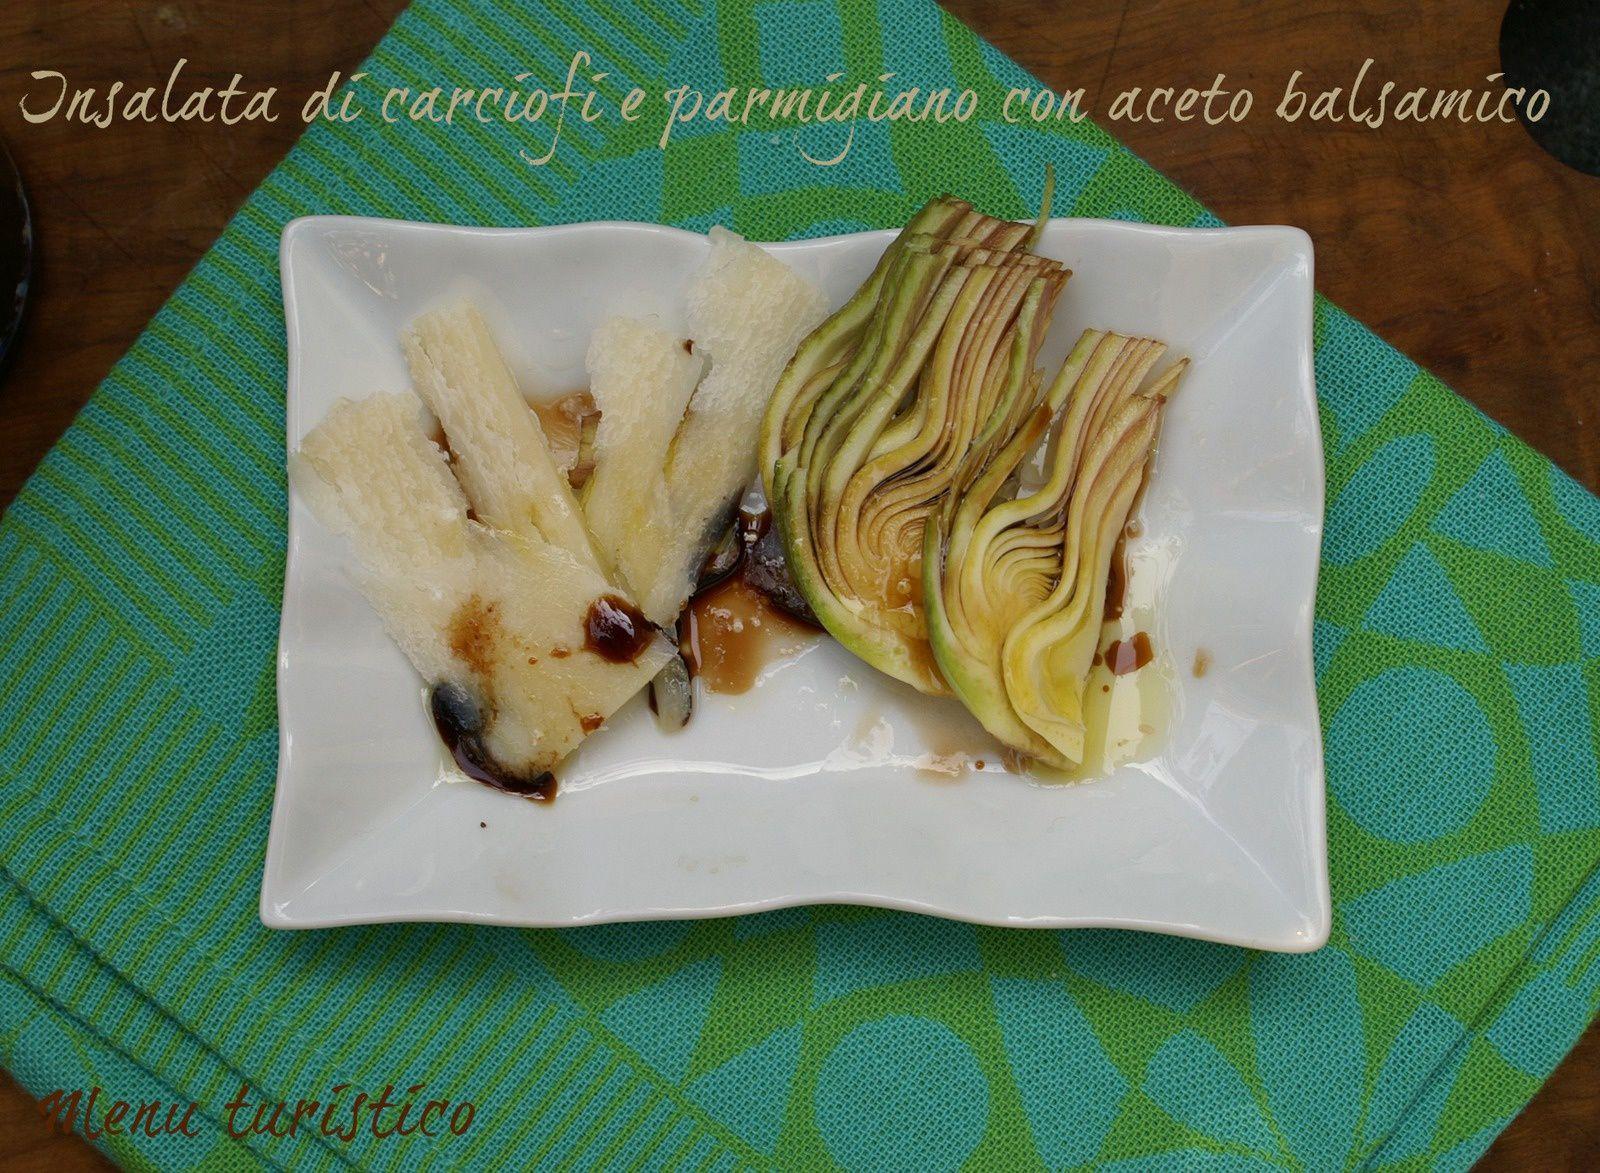 Un antipasto fresco: Insalata di carciofi con aceto balsamico invecchiato e parmigiano reggiano (e un'alternativa al pecorino)...e un MusicAperitivo interessante!